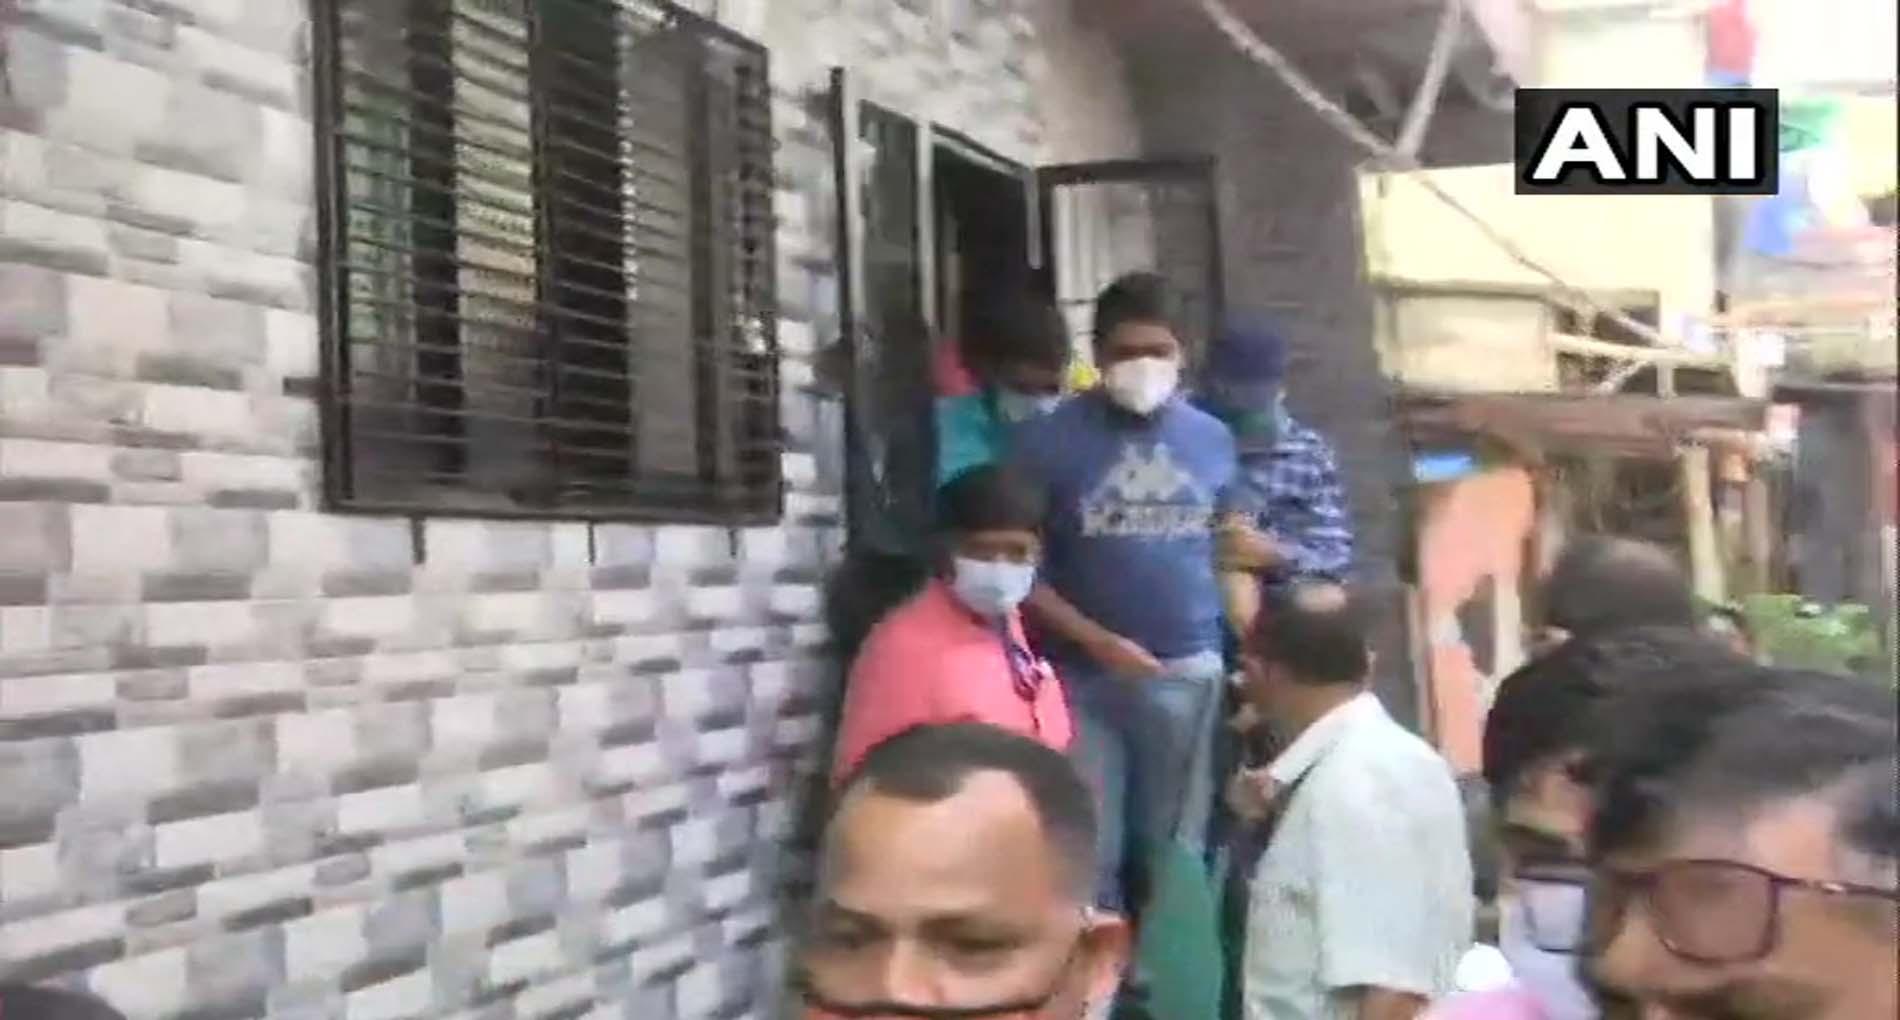 'ड्रग्स एंगल' में NCB का बड़ा एक्शन, सैमुअल मिरांडा को हिरासत में लिया, रिया के भाई को समन जारी